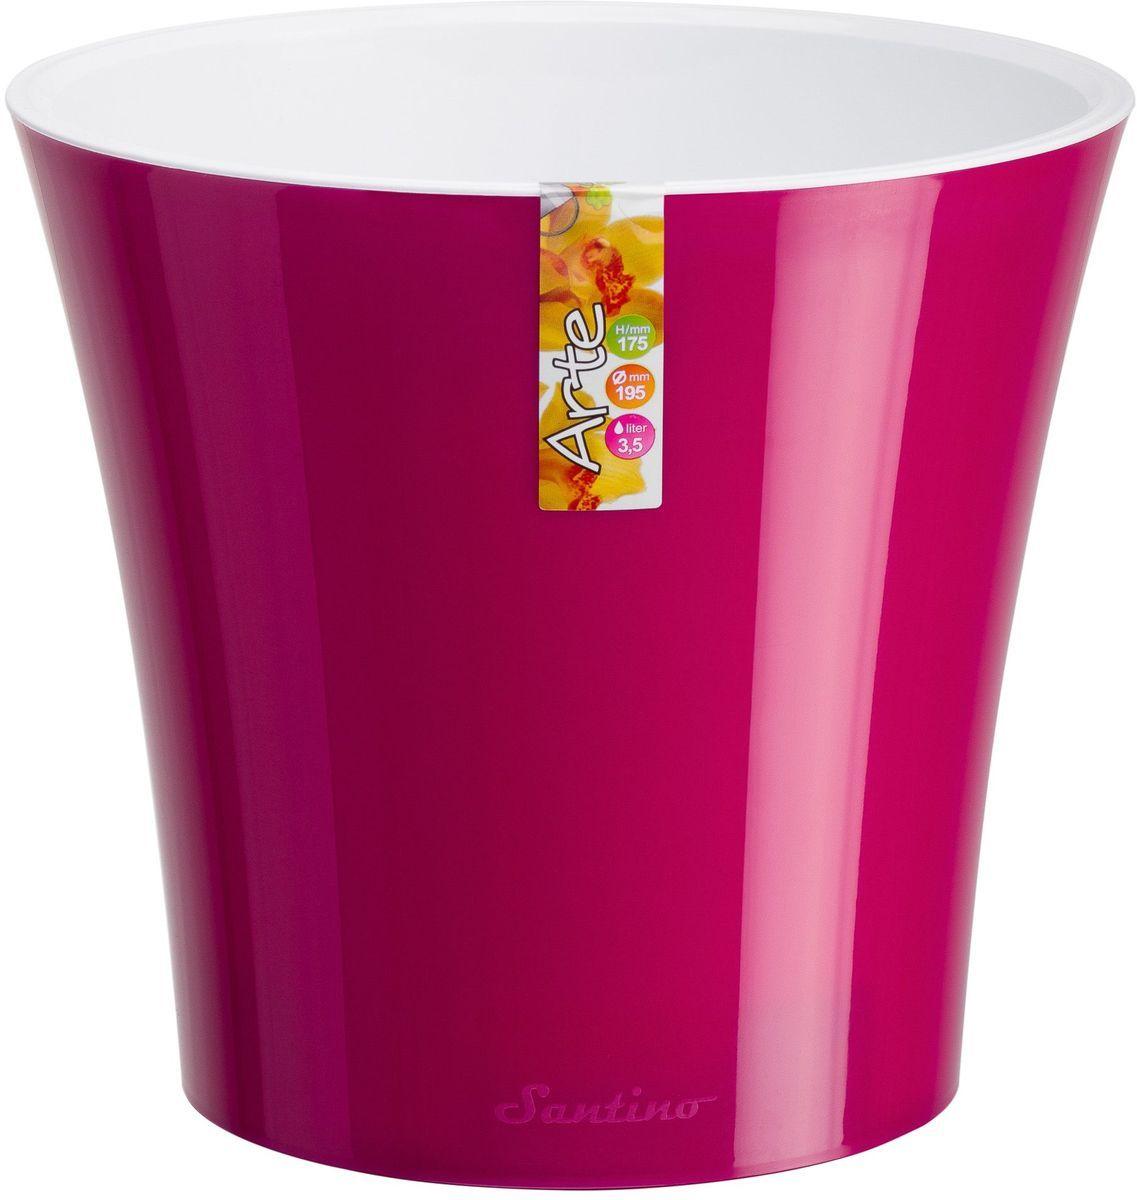 Горшок цветочный Santino Арте, двойной, с системой автополива, цвет: лиловый, белый, 1,2 л531-402Горшок цветочный Santino Арте снабжен дренажной системой и состоит из кашпо и вазона-вкладыша. Изготовлен из пластика. Особенность: тарелочка или блюдце не нужны. Горшок предназначен для любых растений или цветов. Цветочный дренаж – это система, которая позволяет выводить лишнюю влагу через корневую систему цветка и слой почвы. Растение – это живой организм, следовательно, ему необходимо дышать. В доступе к кислороду нуждаются все части растения: -листья; -корневая система. Если цветовод по какой-либо причине зальет цветок водой, то она буквально вытеснит из почвенного слоя все пузырьки кислорода. Анаэробная среда способствует развитию различного рода бактерий. Безвоздушная среда приводит к загниванию корневой системы, цветок в результате увядает. Суть работы дренажной системы заключается в том, чтобы осуществлять отвод лишней влаги от растения и давать возможность корневой системе дышать без проблем. Следовательно, каждому цветку необходимо: -иметь в основании цветочного горшочка хотя бы одно небольшое дренажное отверстие. Оно необходимо для того, чтобы через него выходила лишняя вода, плюс ко всему это отверстие дает возможность циркулировать воздух. -на самом дне горшка необходимо выложить слоем в 2-5 см (зависит от вида растения) дренаж.УВАЖАЕМЫЕ КЛИЕНТЫ!Обращаем ваше внимание на тот факт, что фото изделия служит для визуального восприятия товара. Литраж и размеры, представленные на этикетке товара, могут по факту отличаться от реальных. Корректные данные в поле Размеры.